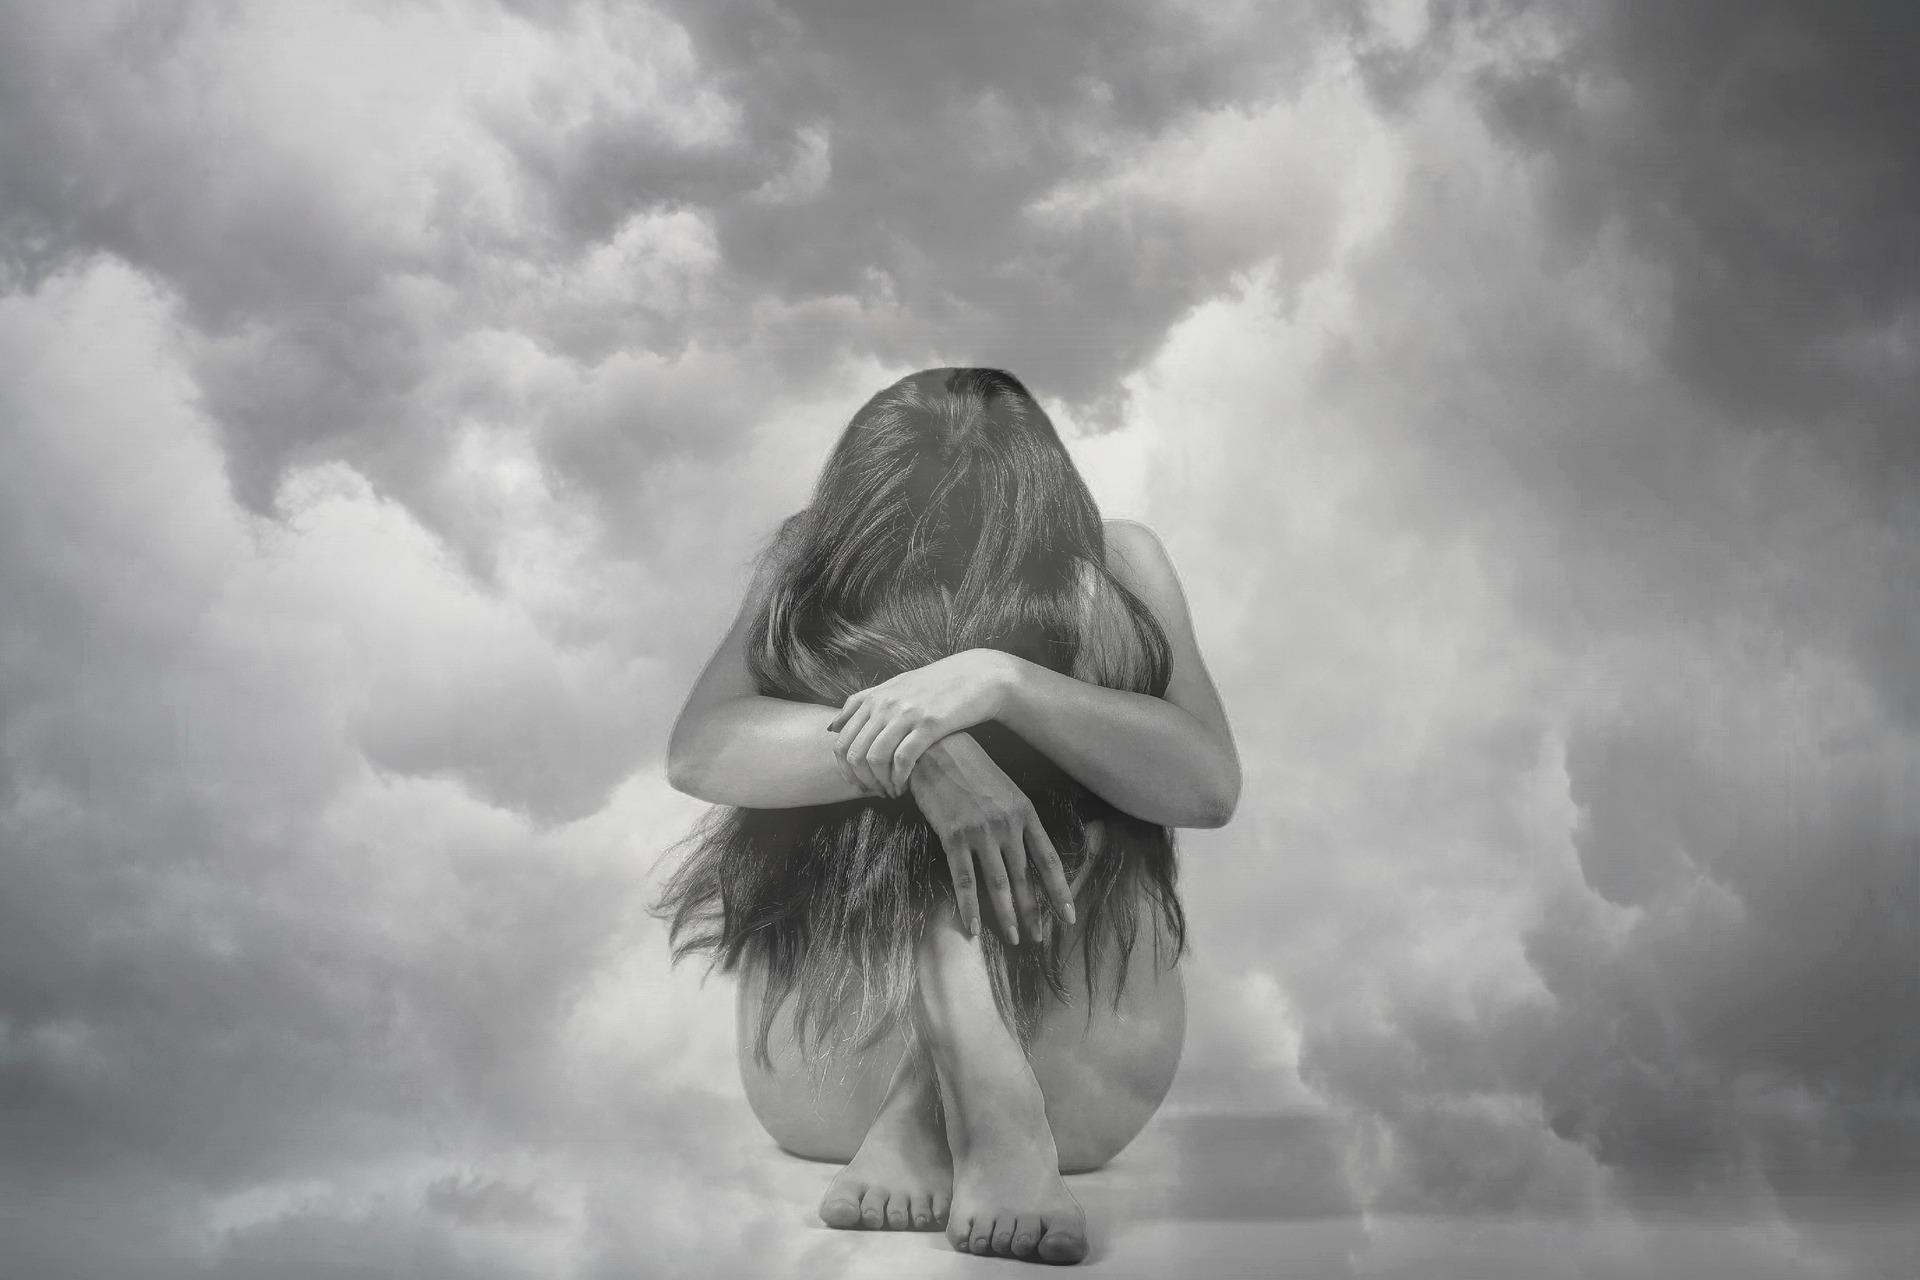 彼氏がストレスで体調不良になったら?具体的な症状や彼氏の困った言動&恋愛ストレスを解消して幸せになる